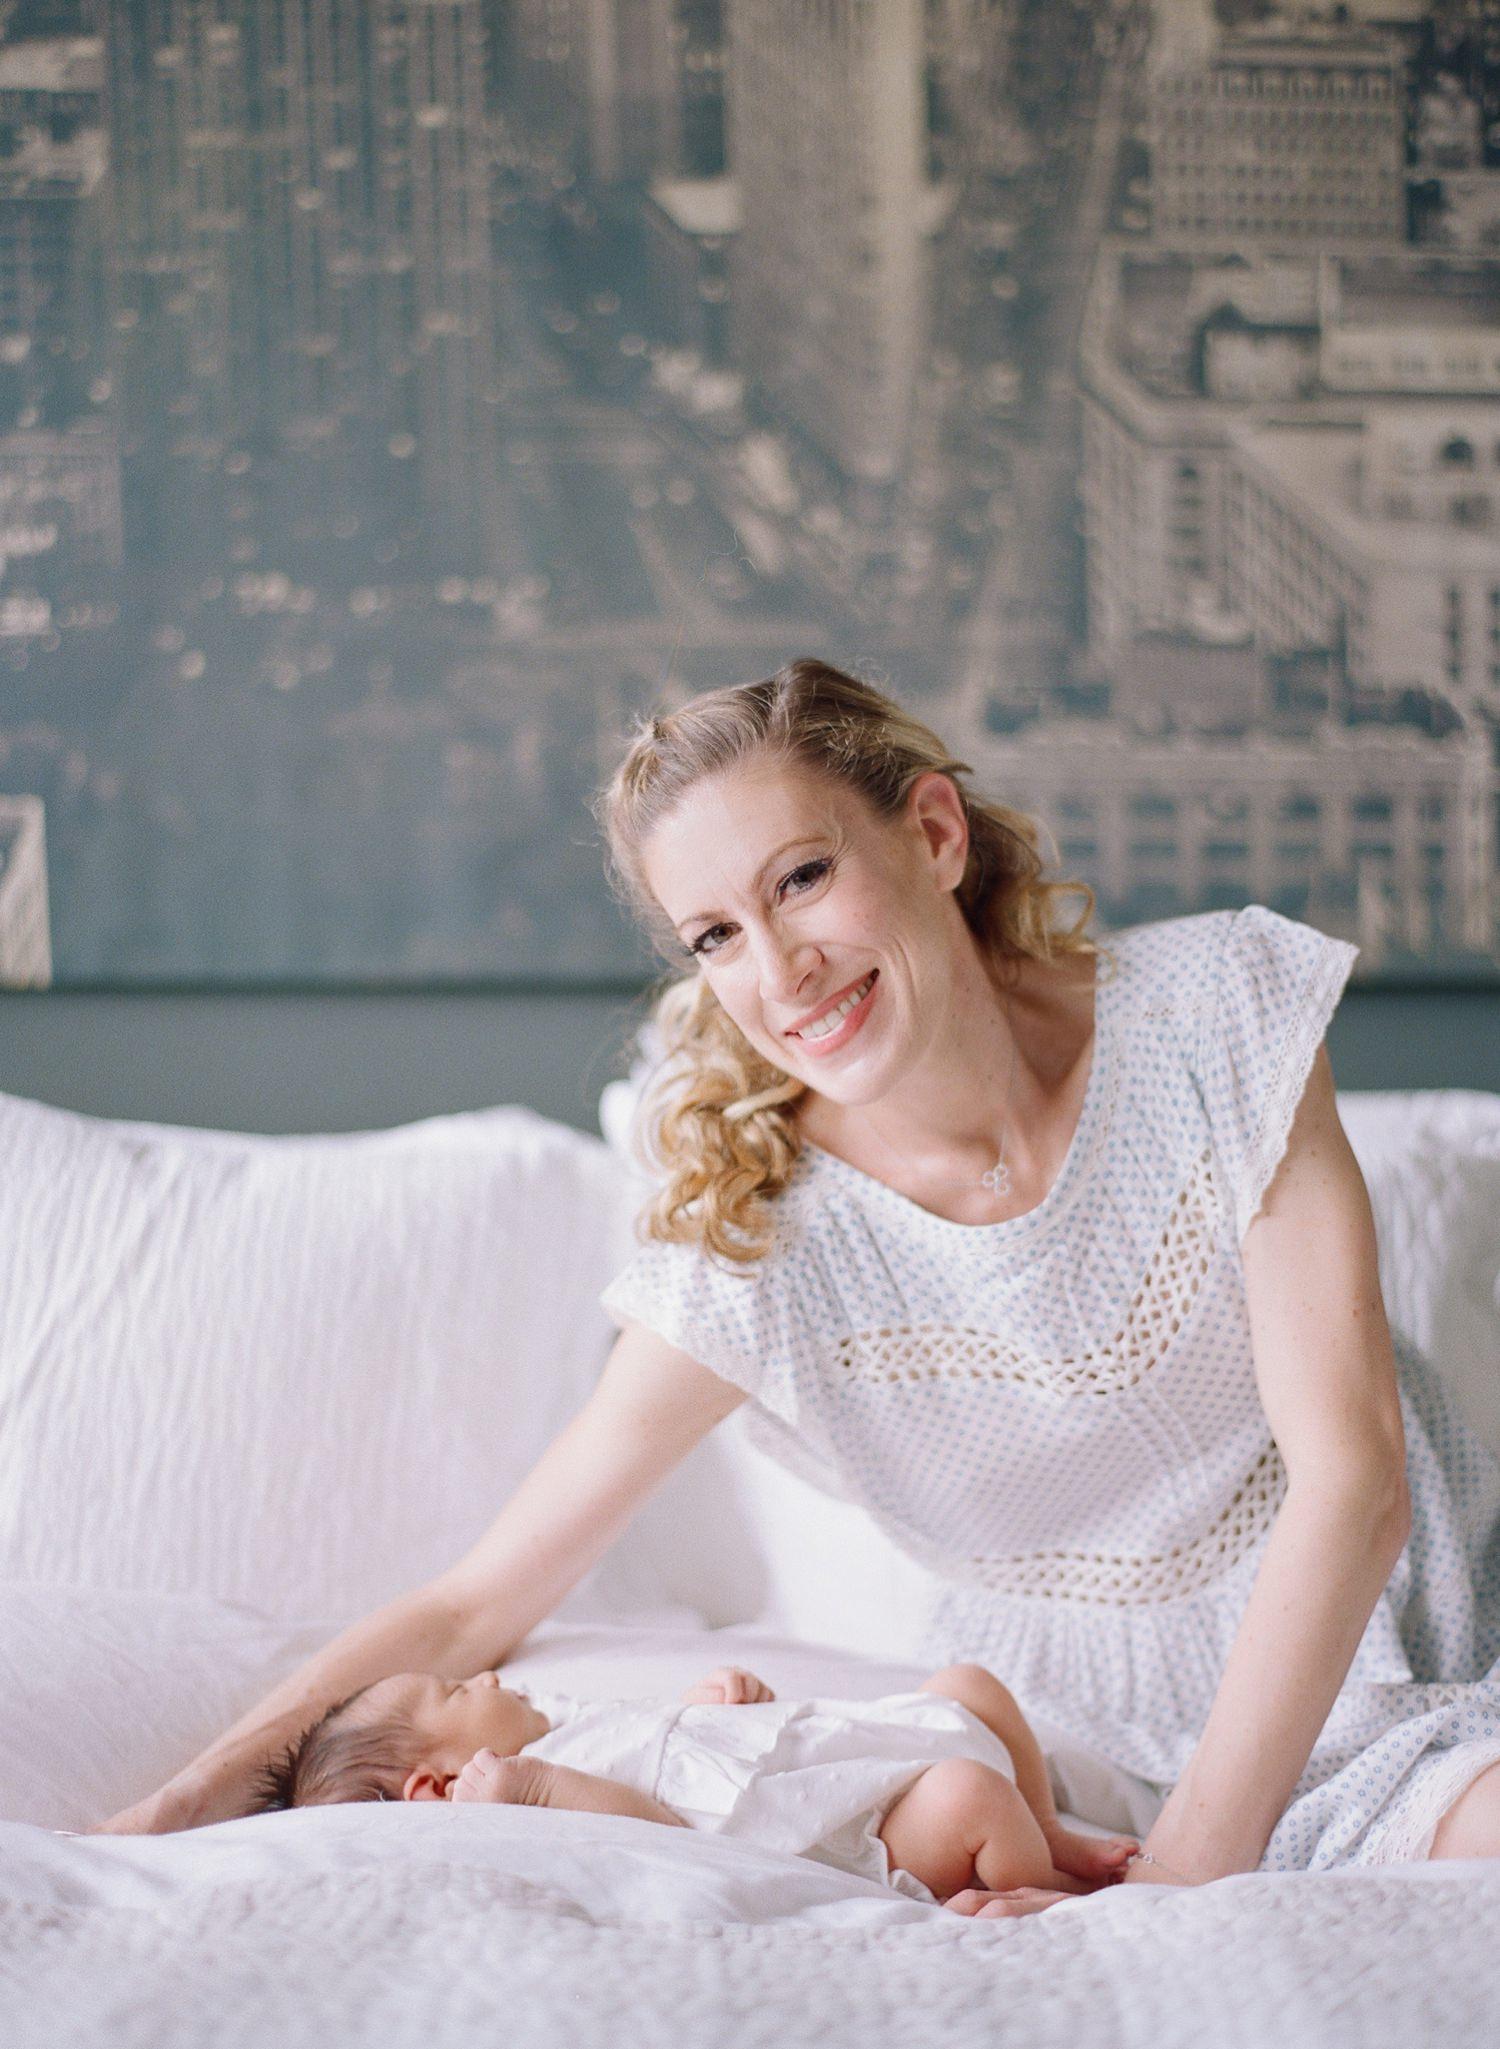 Arlington Newborn Photos, by Audra Wrisley